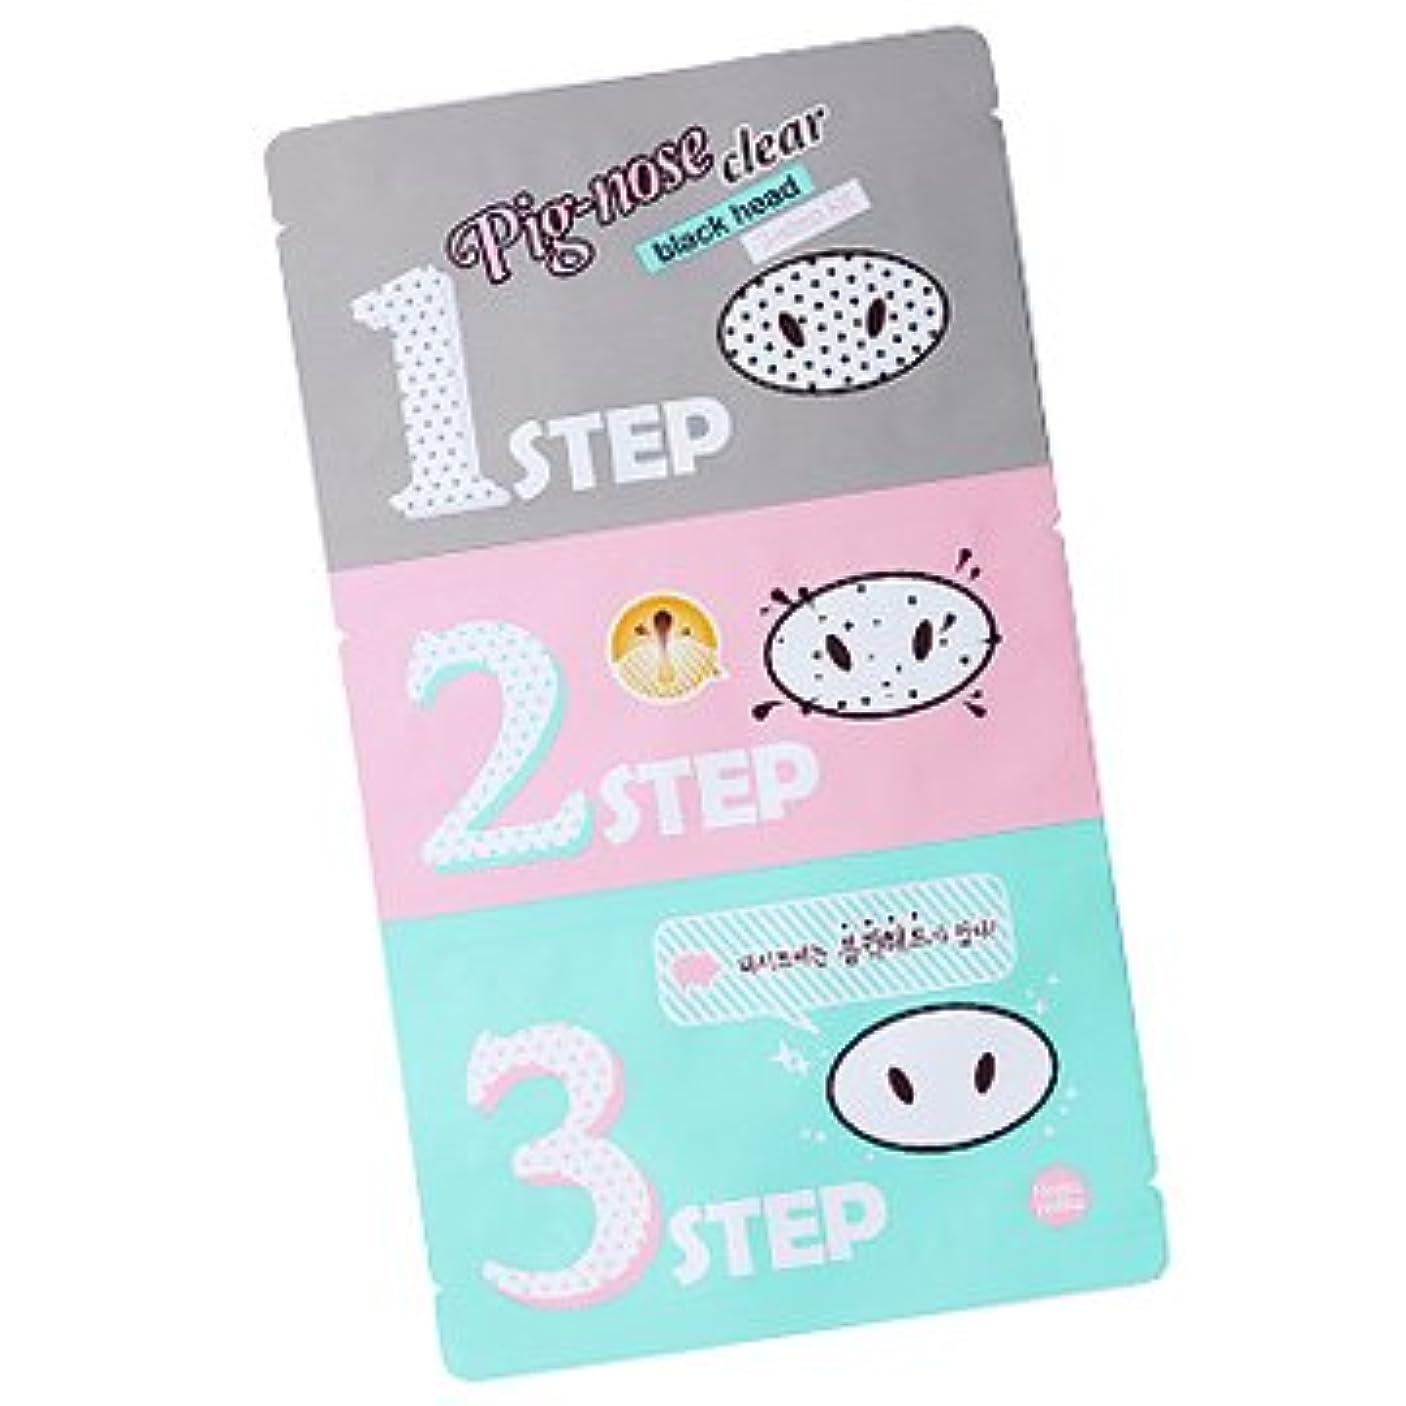 漁師パンサー絶対にHolika Holika Pig Nose Clear Black Head 3-Step Kit 3EA (Nose Pack) ホリカホリカ ピグノーズクリアブラックヘッド3-Stepキット(鼻パック) 3pcs [並行輸入品]